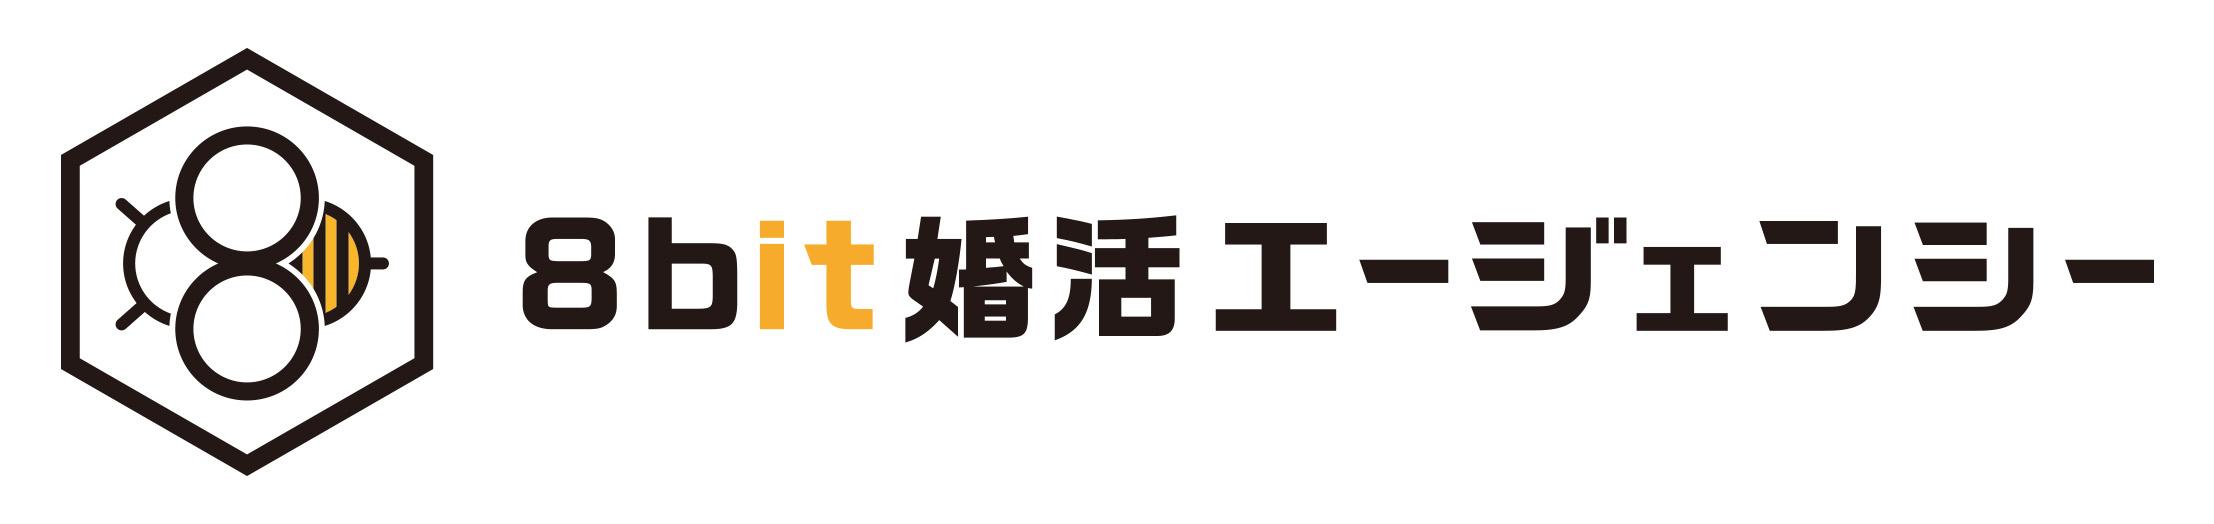 8bit_logo_横組